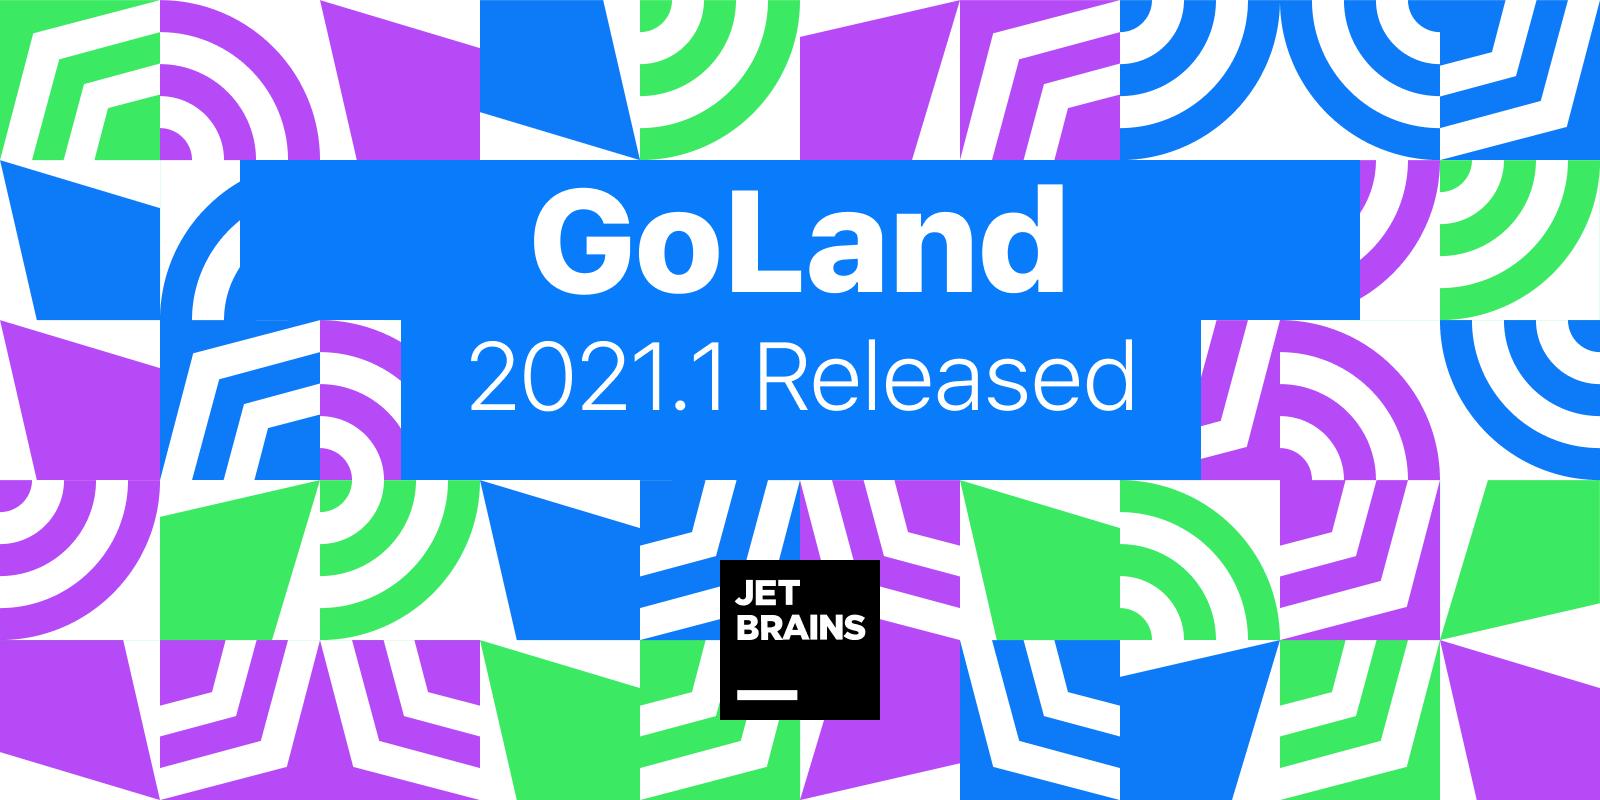 GoLand 2021.1